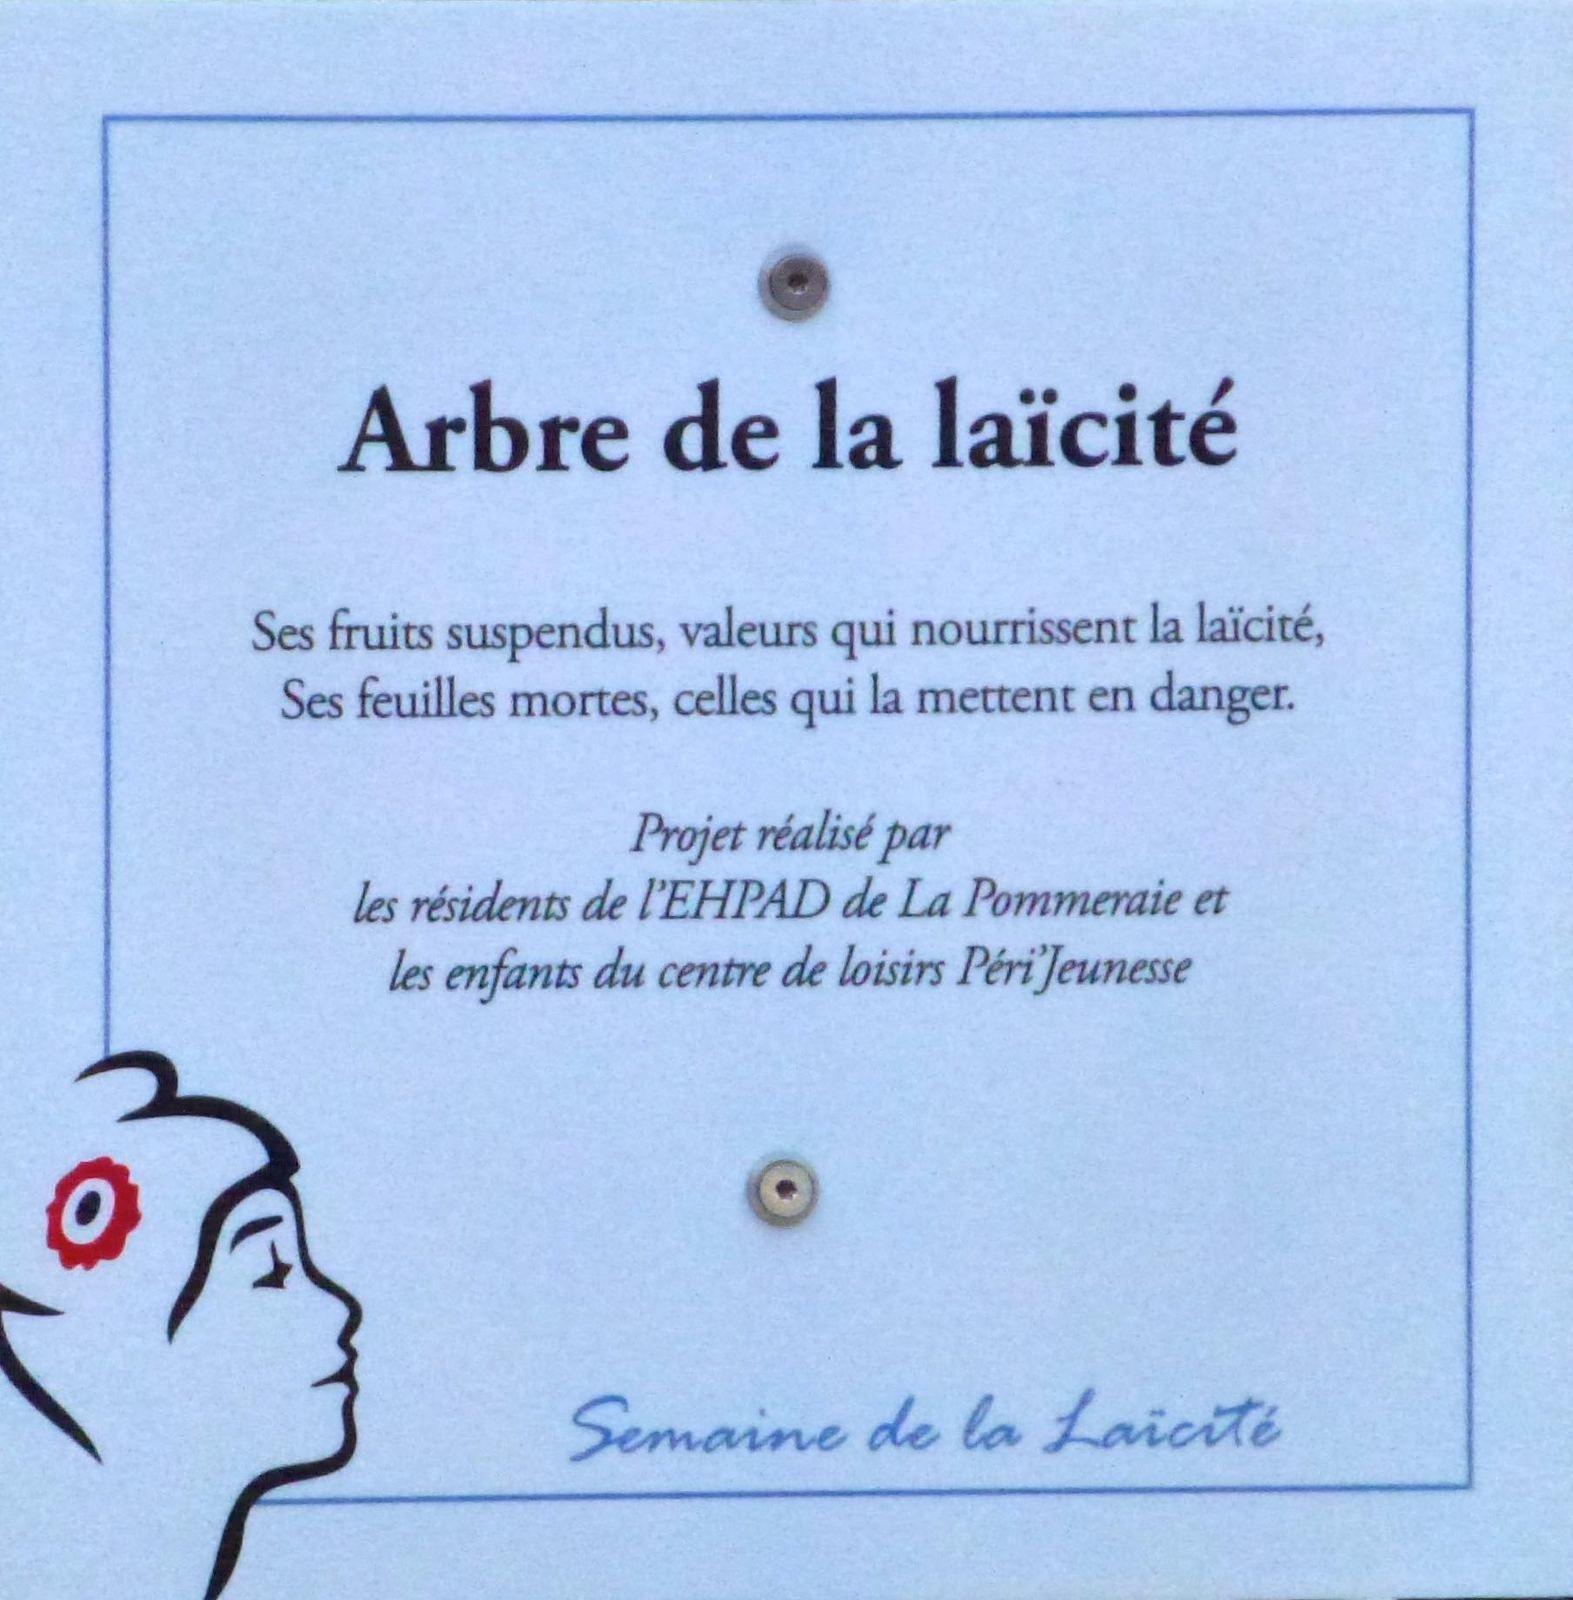 Inauguration du Parvis de la Laïcité (suite)